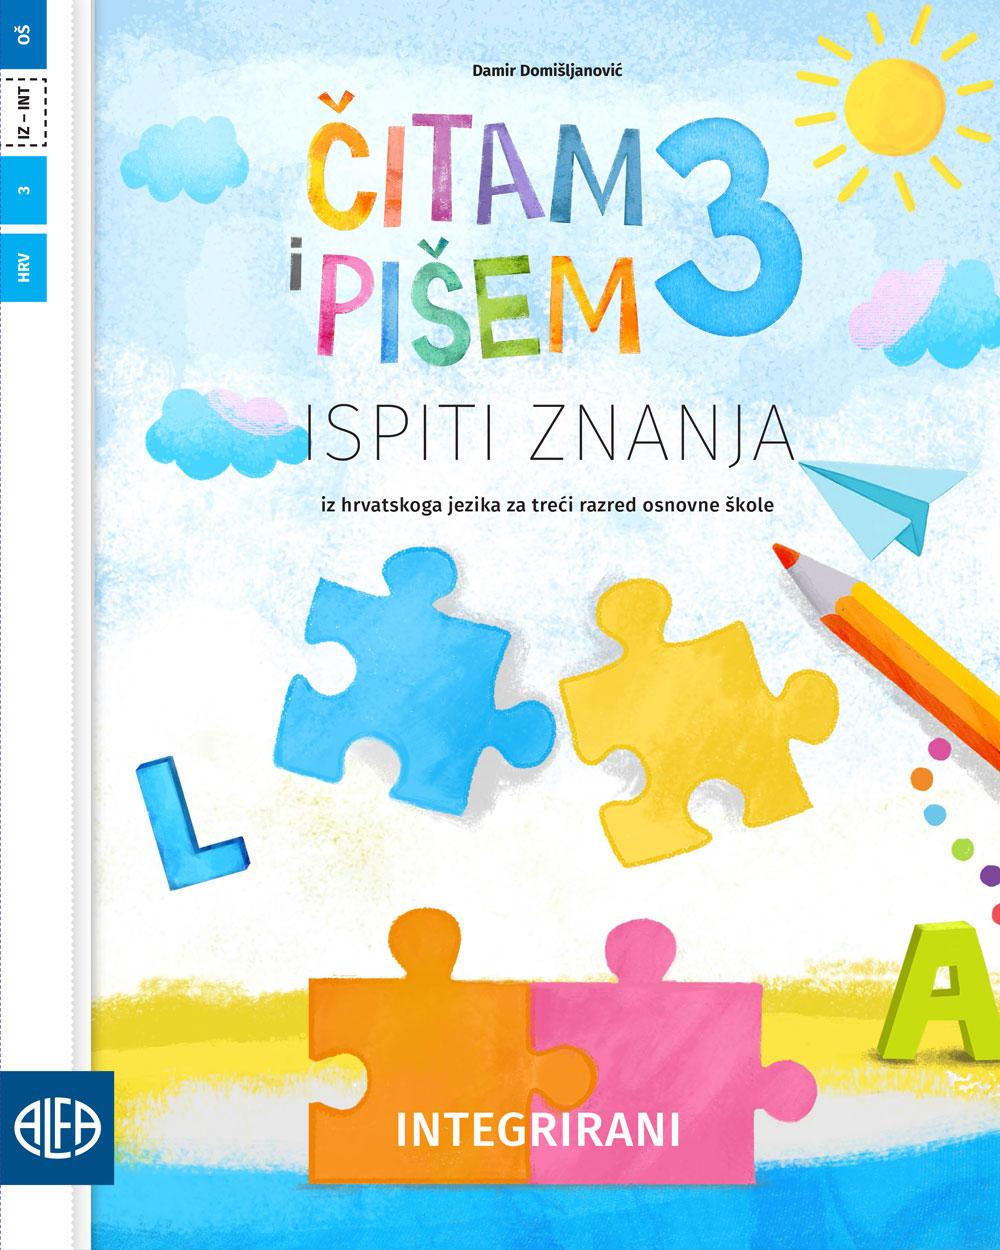 Ispiti znanja iz hrvatskoga jezika za treći razred osnovne škole